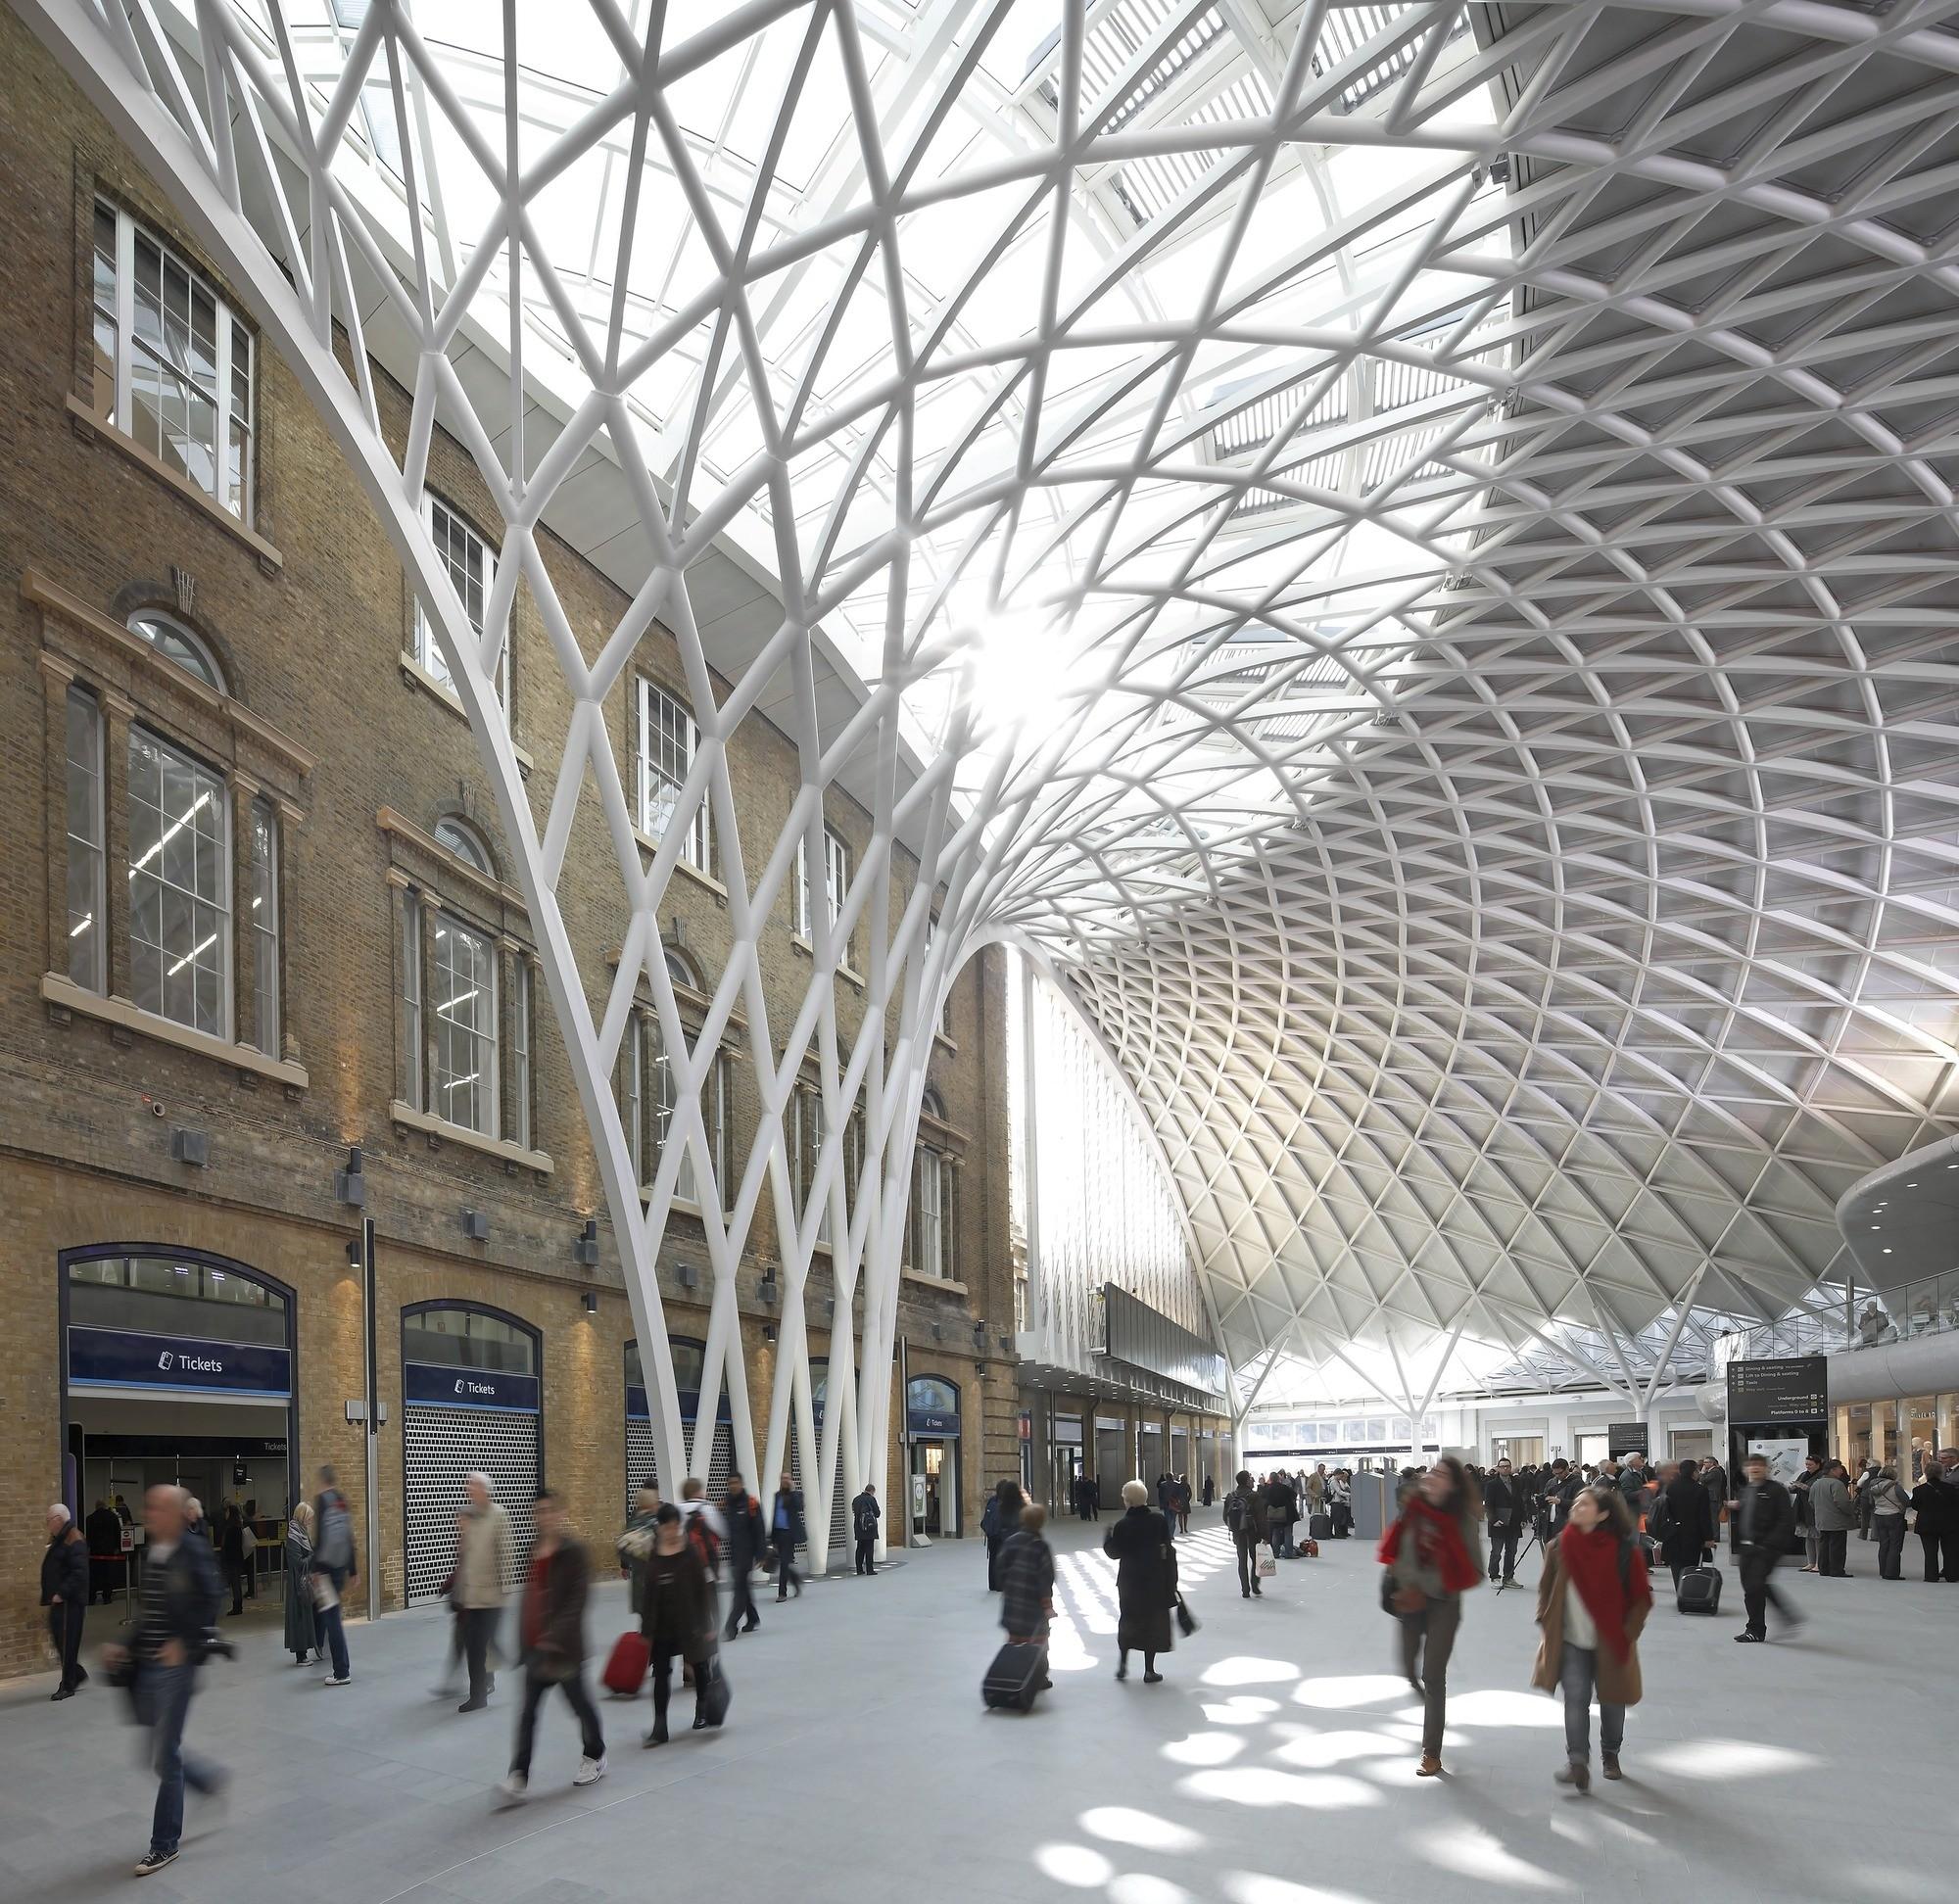 RIBA publica los ganadores de premios nacionales 2014 , Estación King's Cross / John McAslan + Partners. Imágen © Hufton+Crow